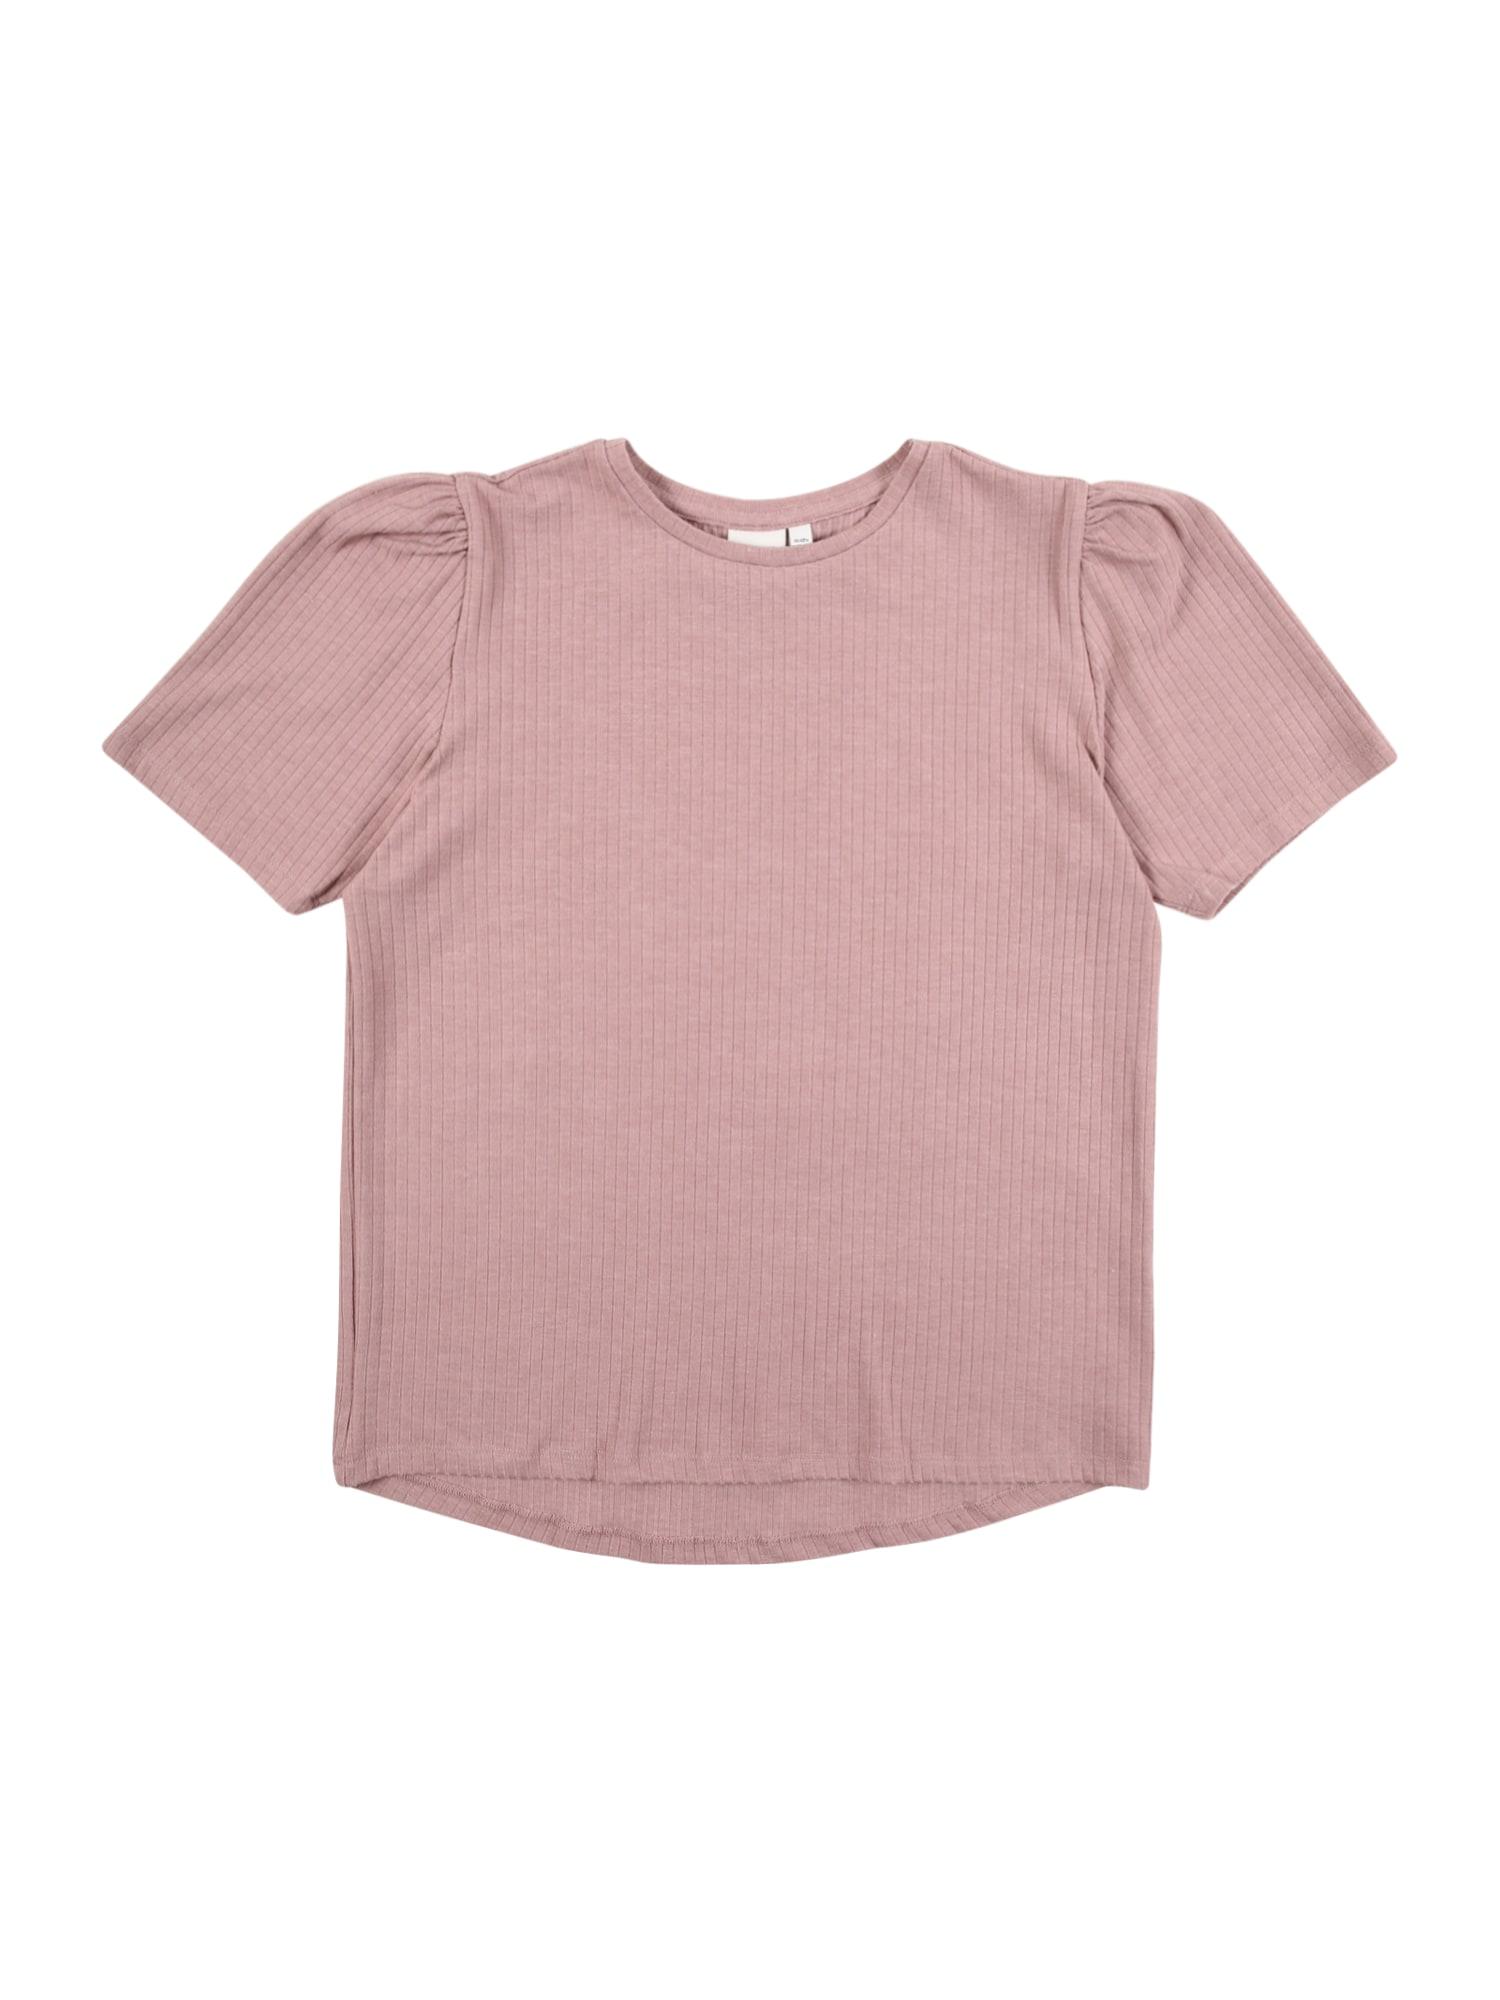 NAME IT Marškinėliai ryškiai rožinė spalva